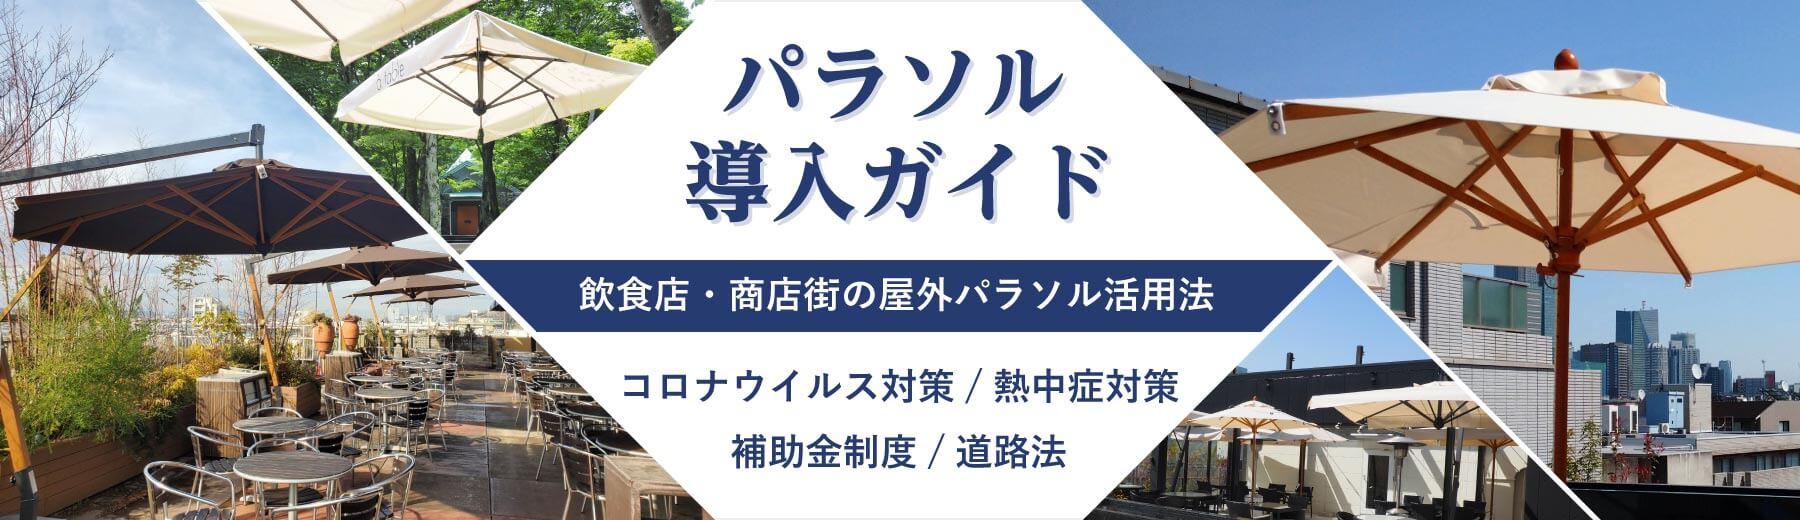 東京パラソル導入ガイド 飲食店・商店街の屋外パラソル活用法 コロナウイルス対策 熱中症対策 補助金制度 道路法